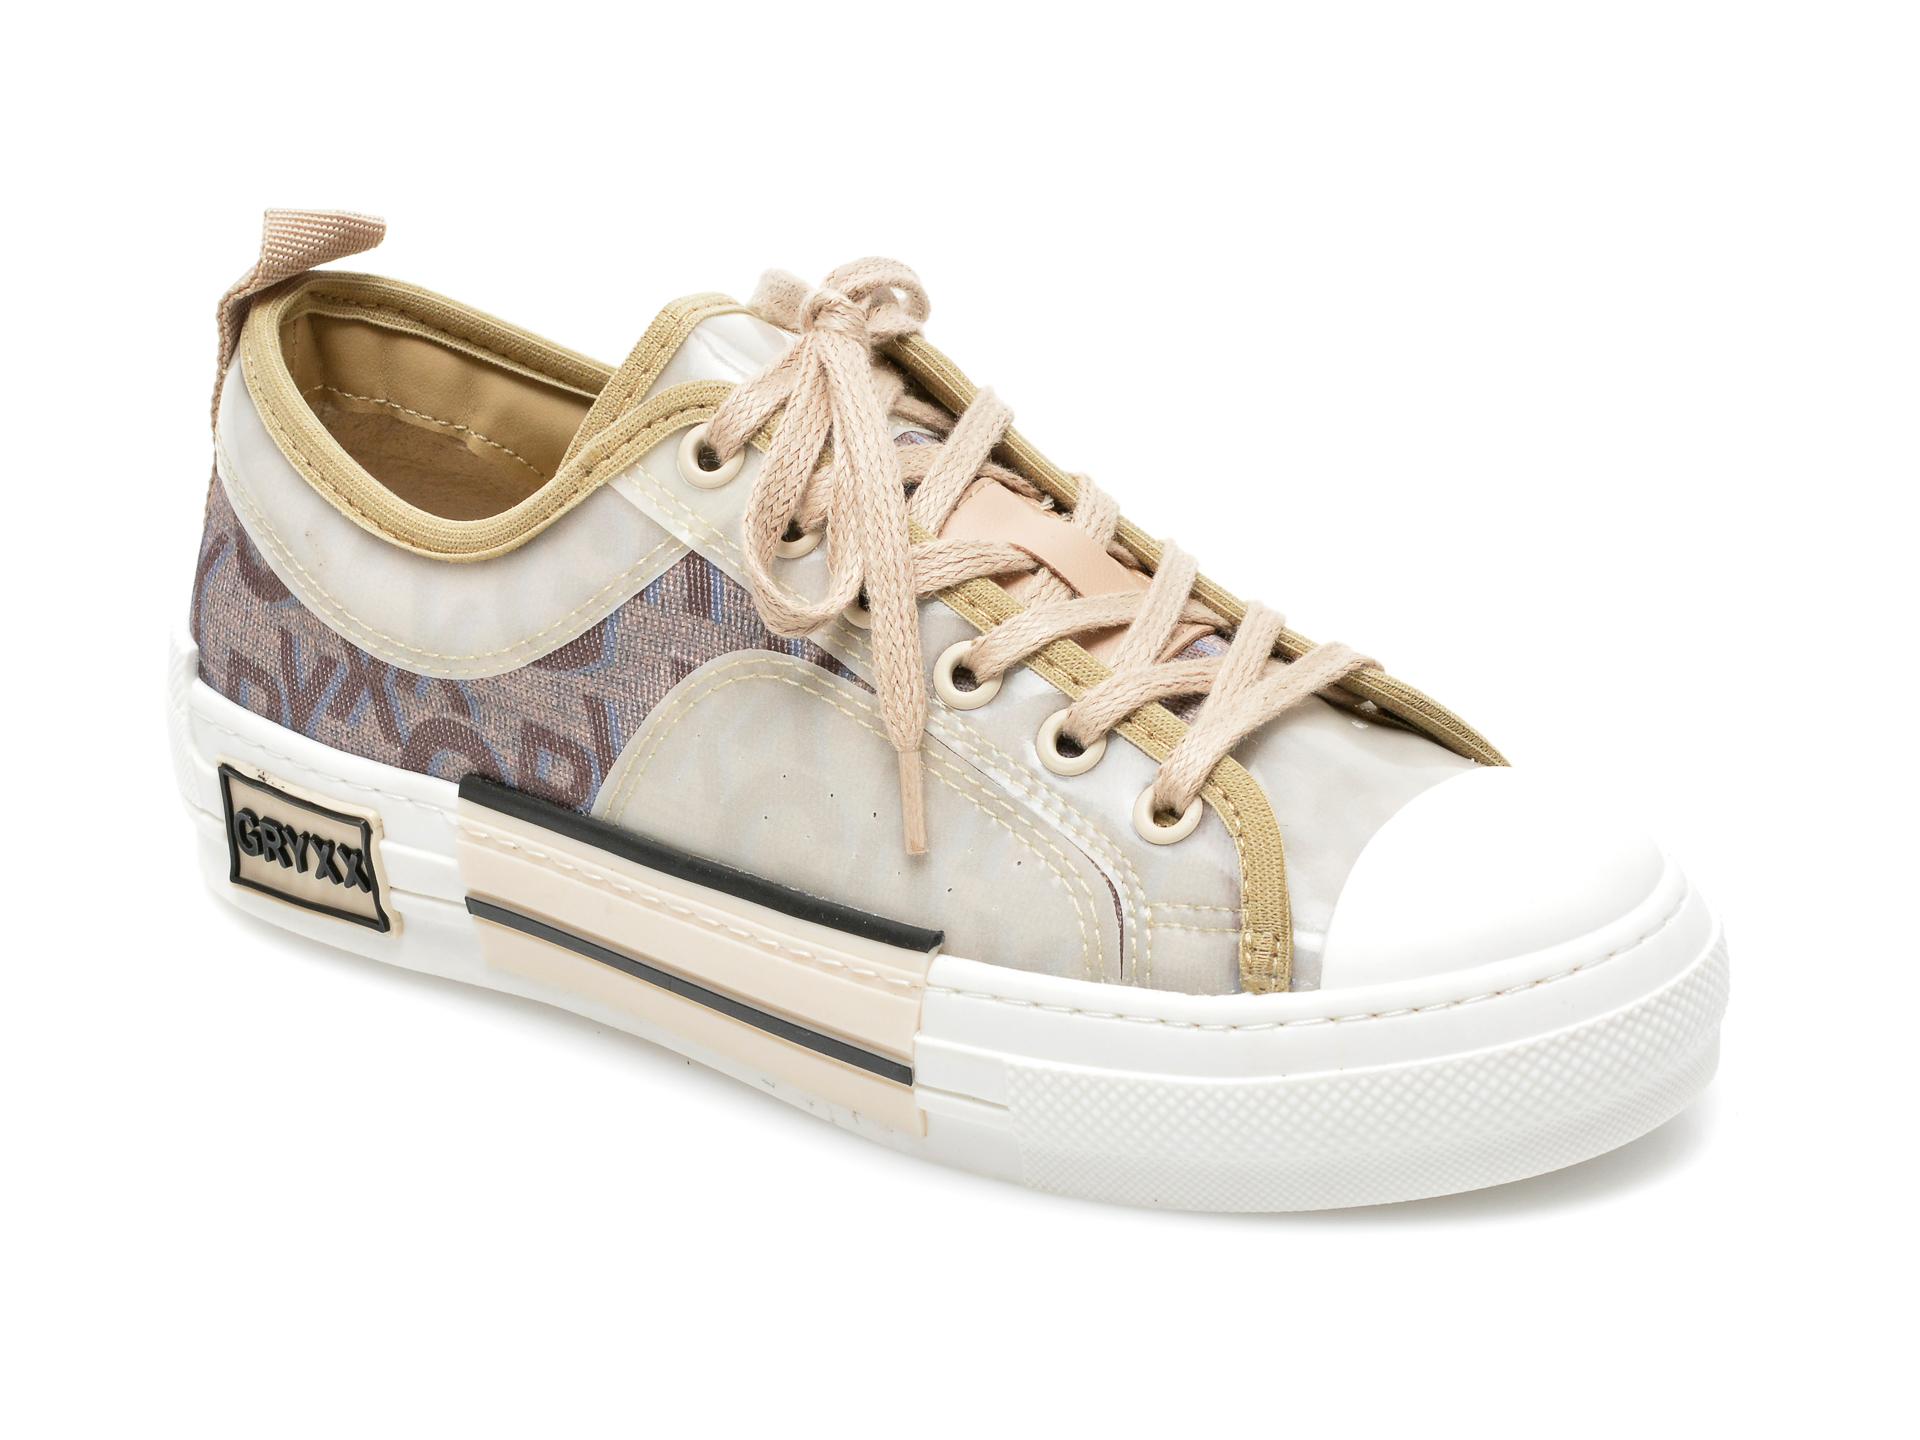 Pantofi sport GRYXX bej, T131, din material textil si pvc